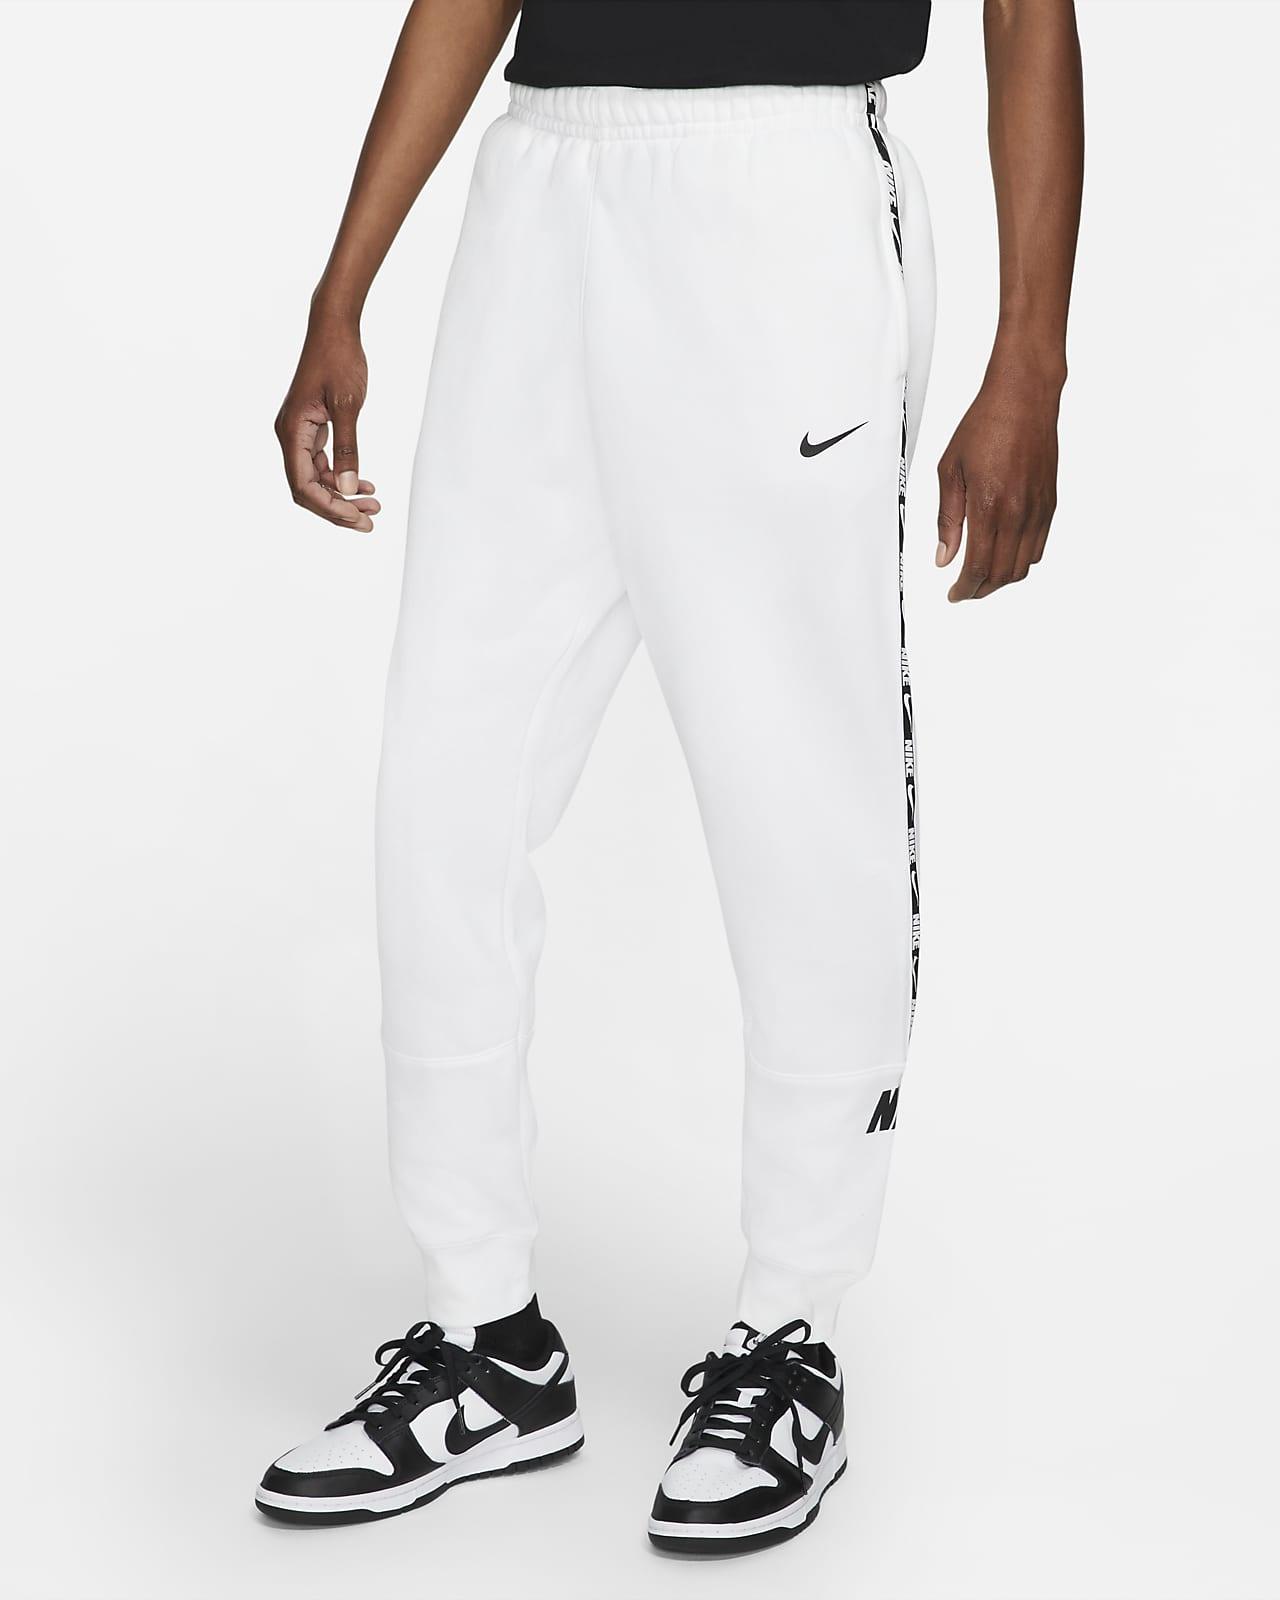 Nike Sportswear Men's Fleece Joggers